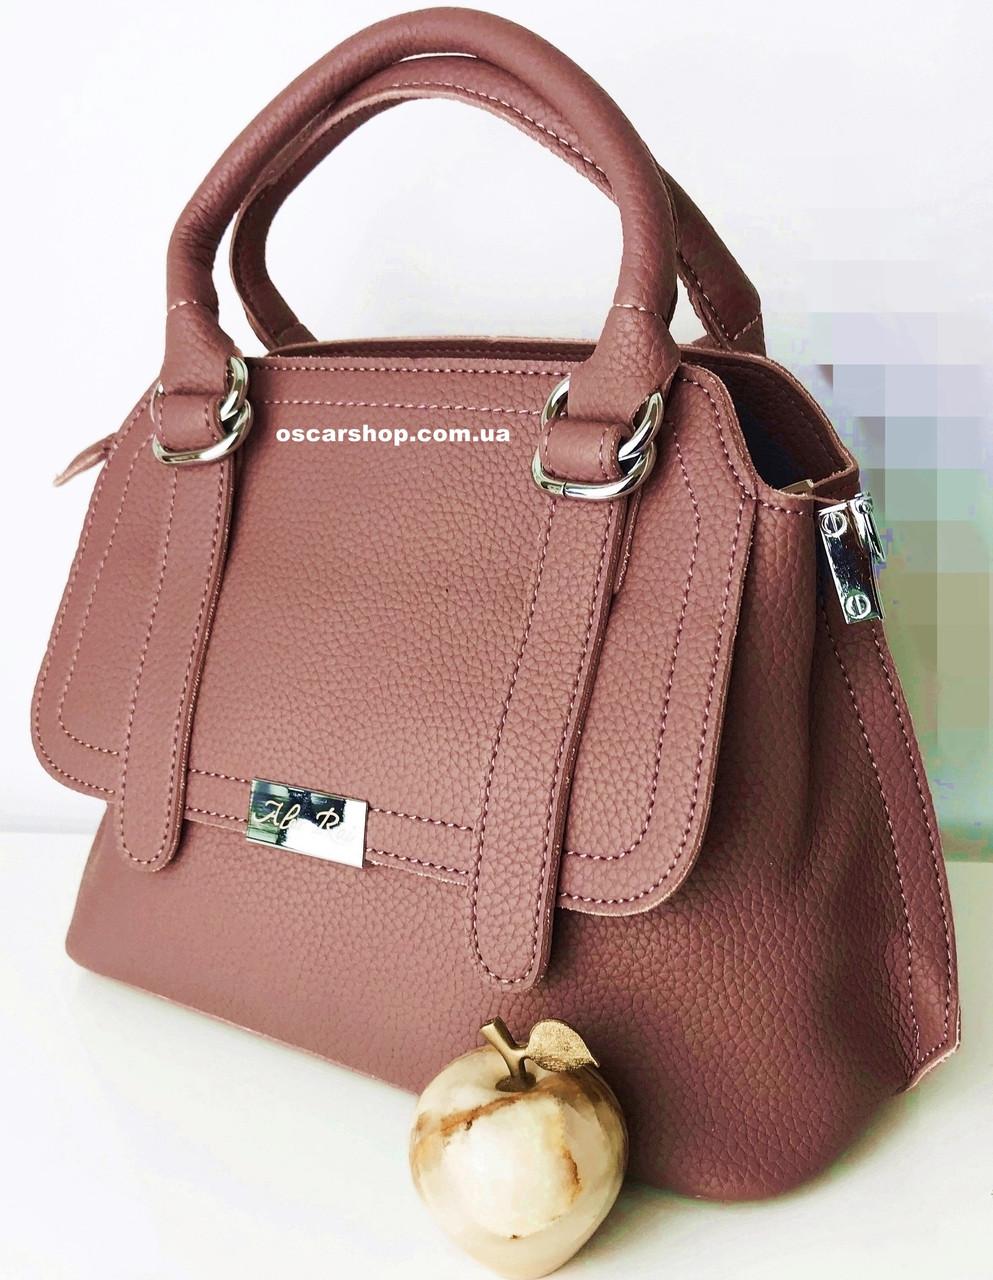 263314ea7e57 Элегантная женская сумочка Алекс Рей цвет тренд сезона. Кожаная женская  сумка с ремнем. С20